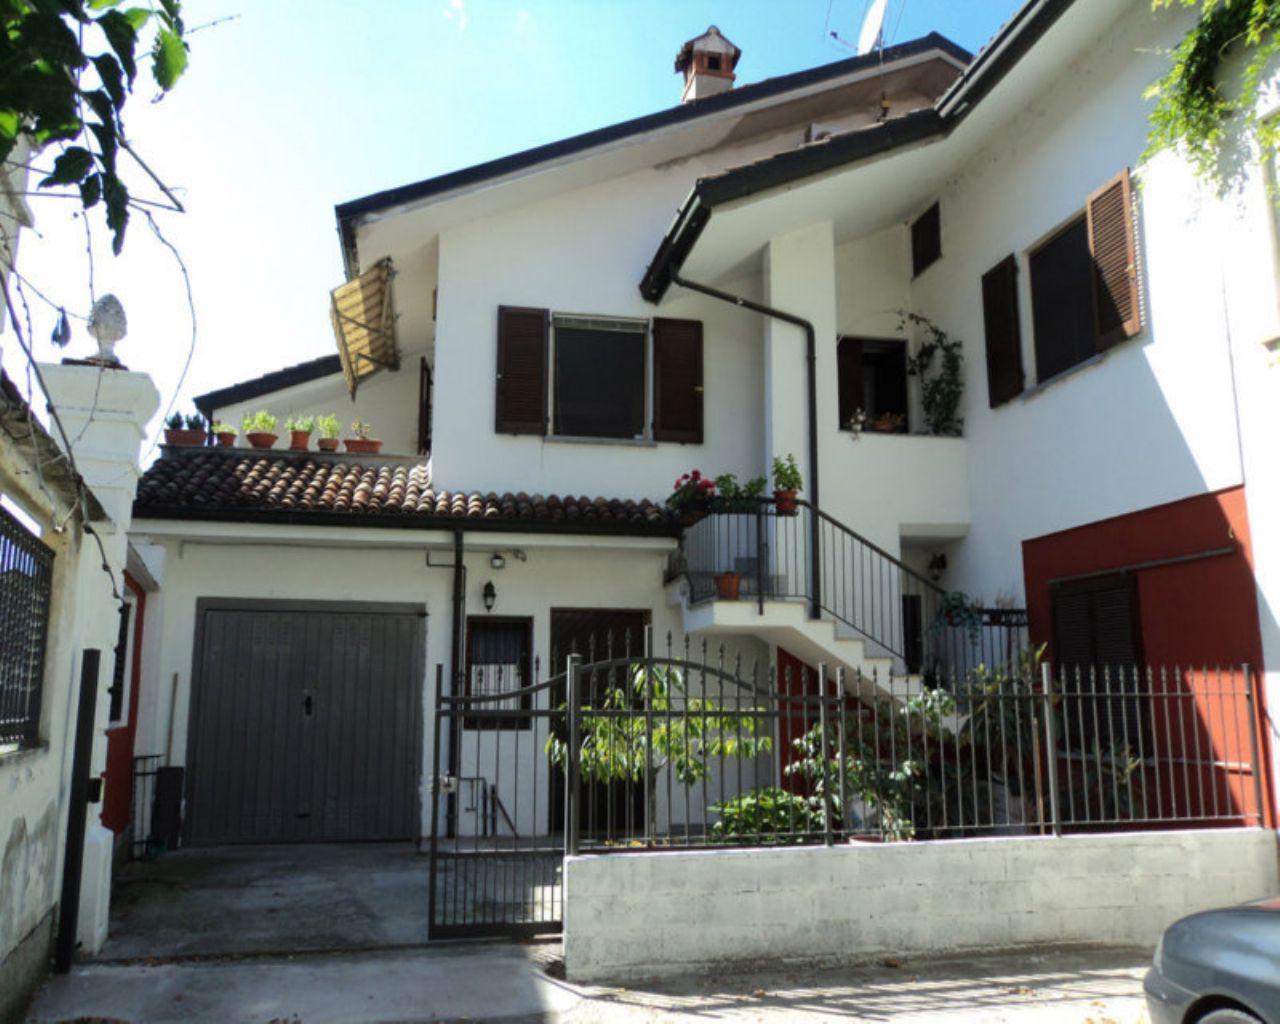 Soluzione Indipendente in vendita a Borghetto Lodigiano, 4 locali, prezzo € 200.000 | CambioCasa.it